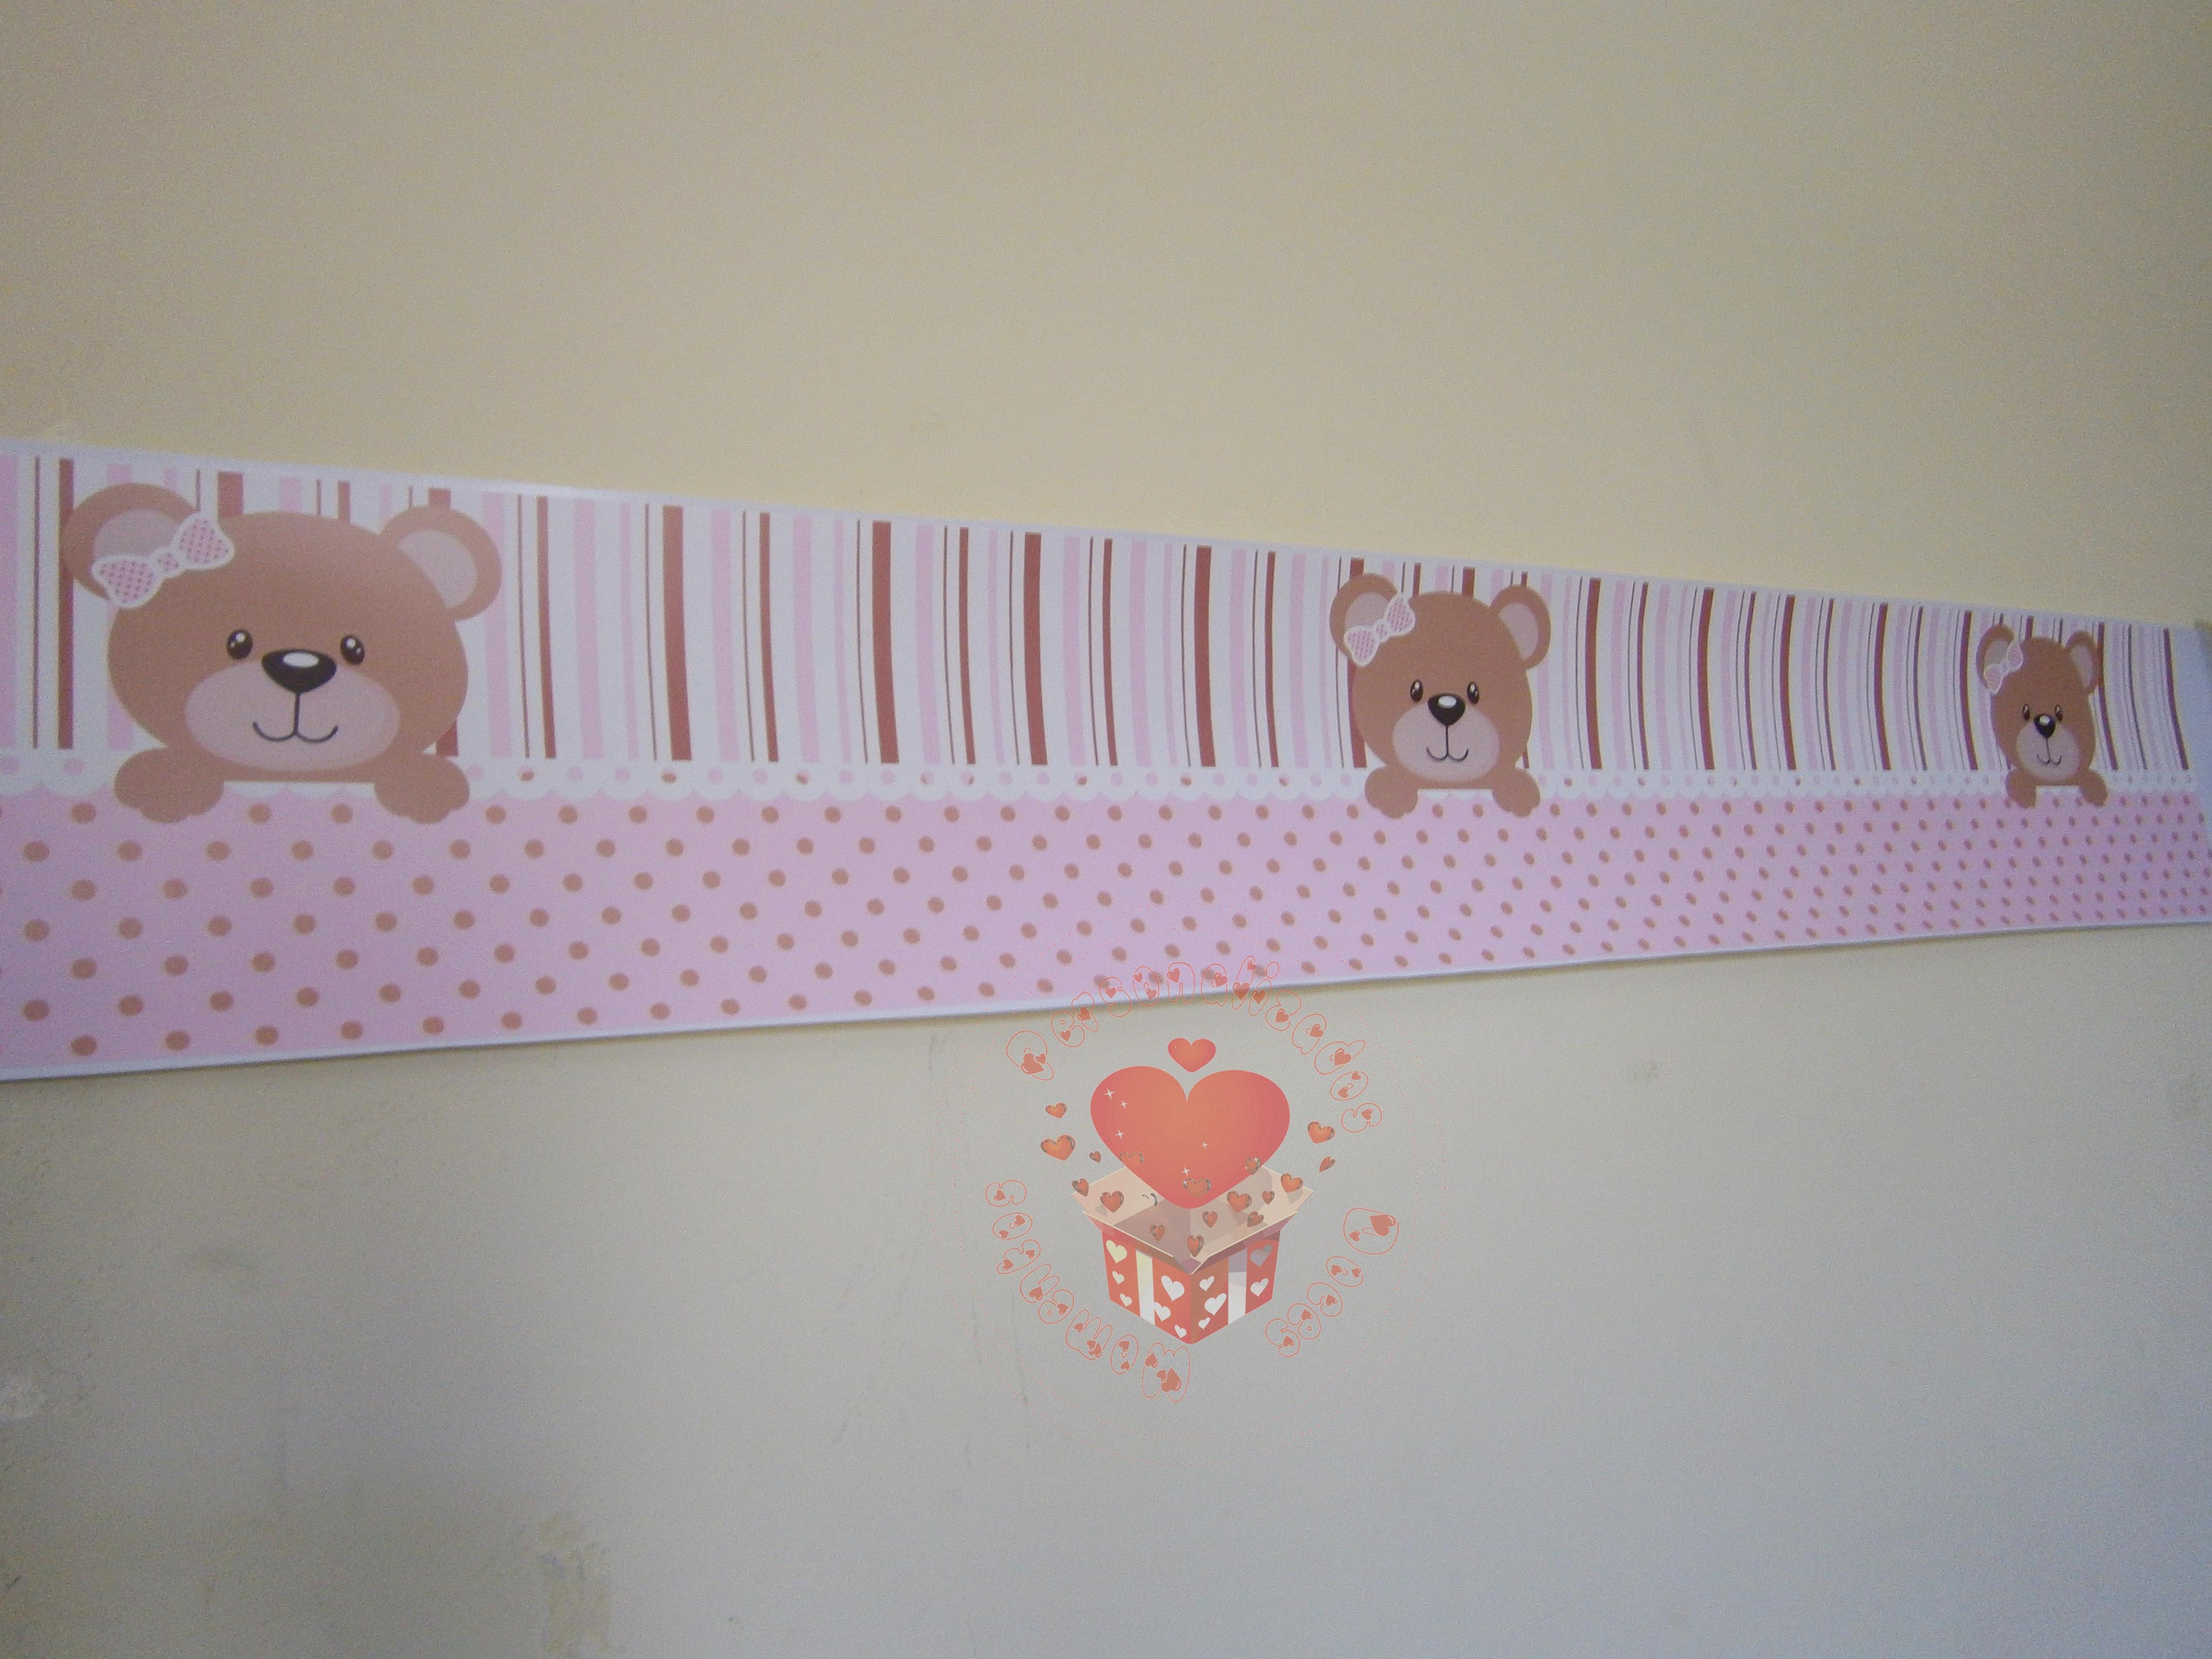 Faixa De Adesivo Para Quarto De Bebe ~  faixa personalizada parede ursa faixa quarto ursinha adesivo ursinha